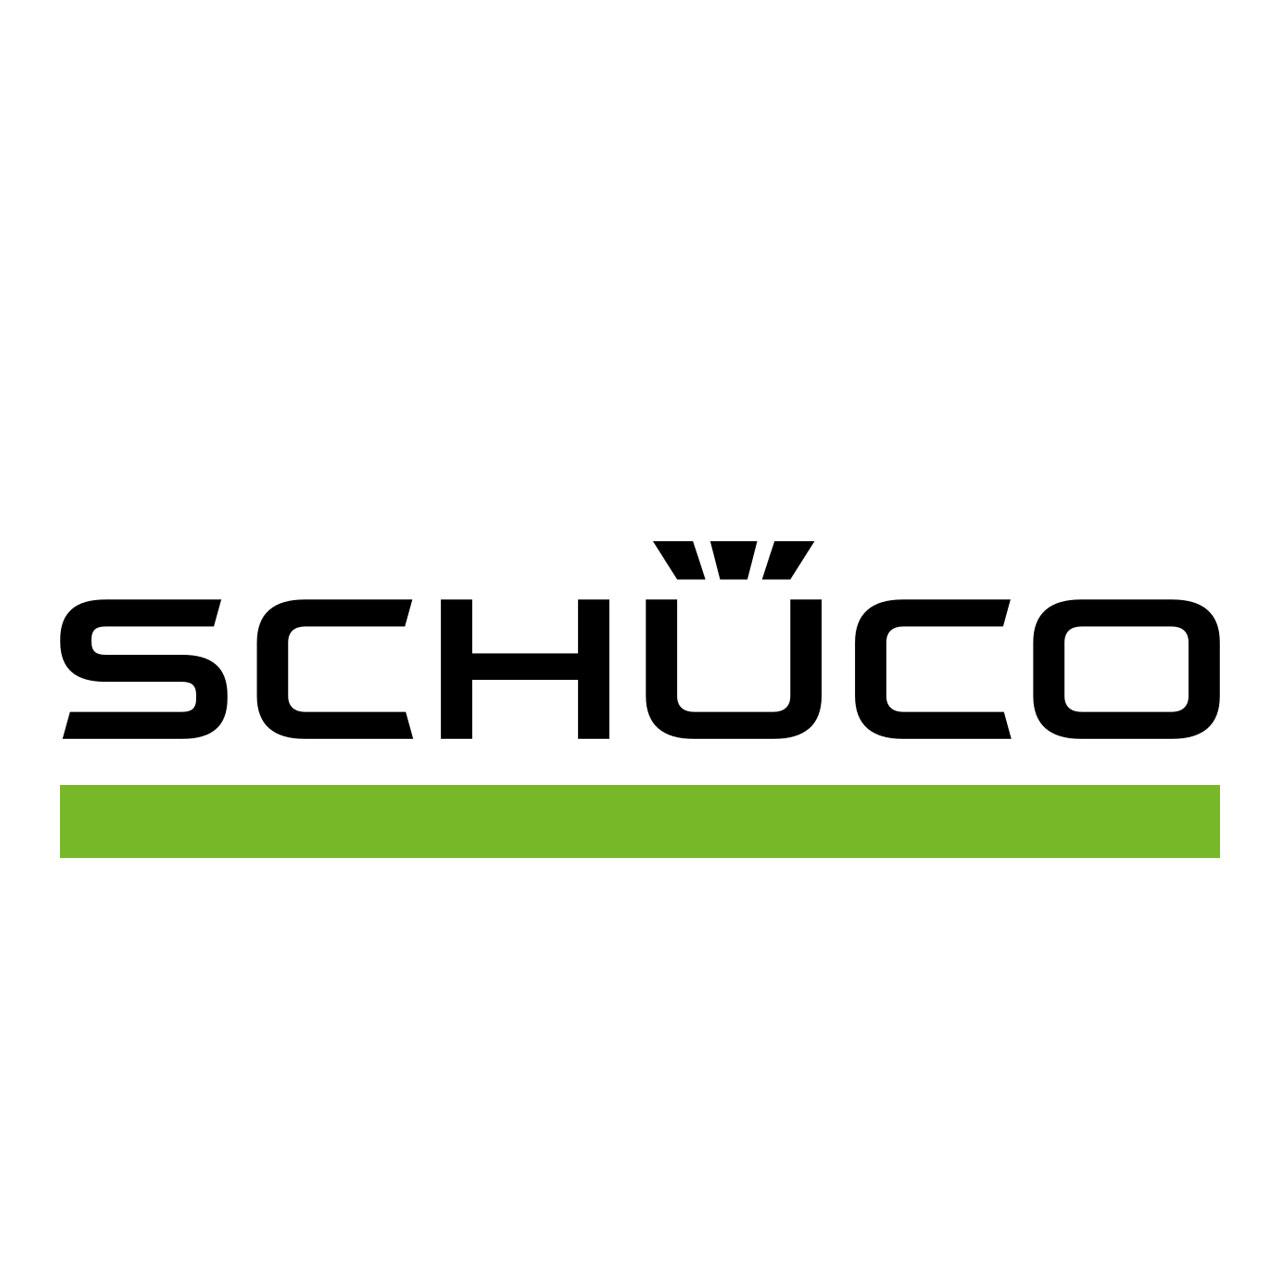 schueco-logo